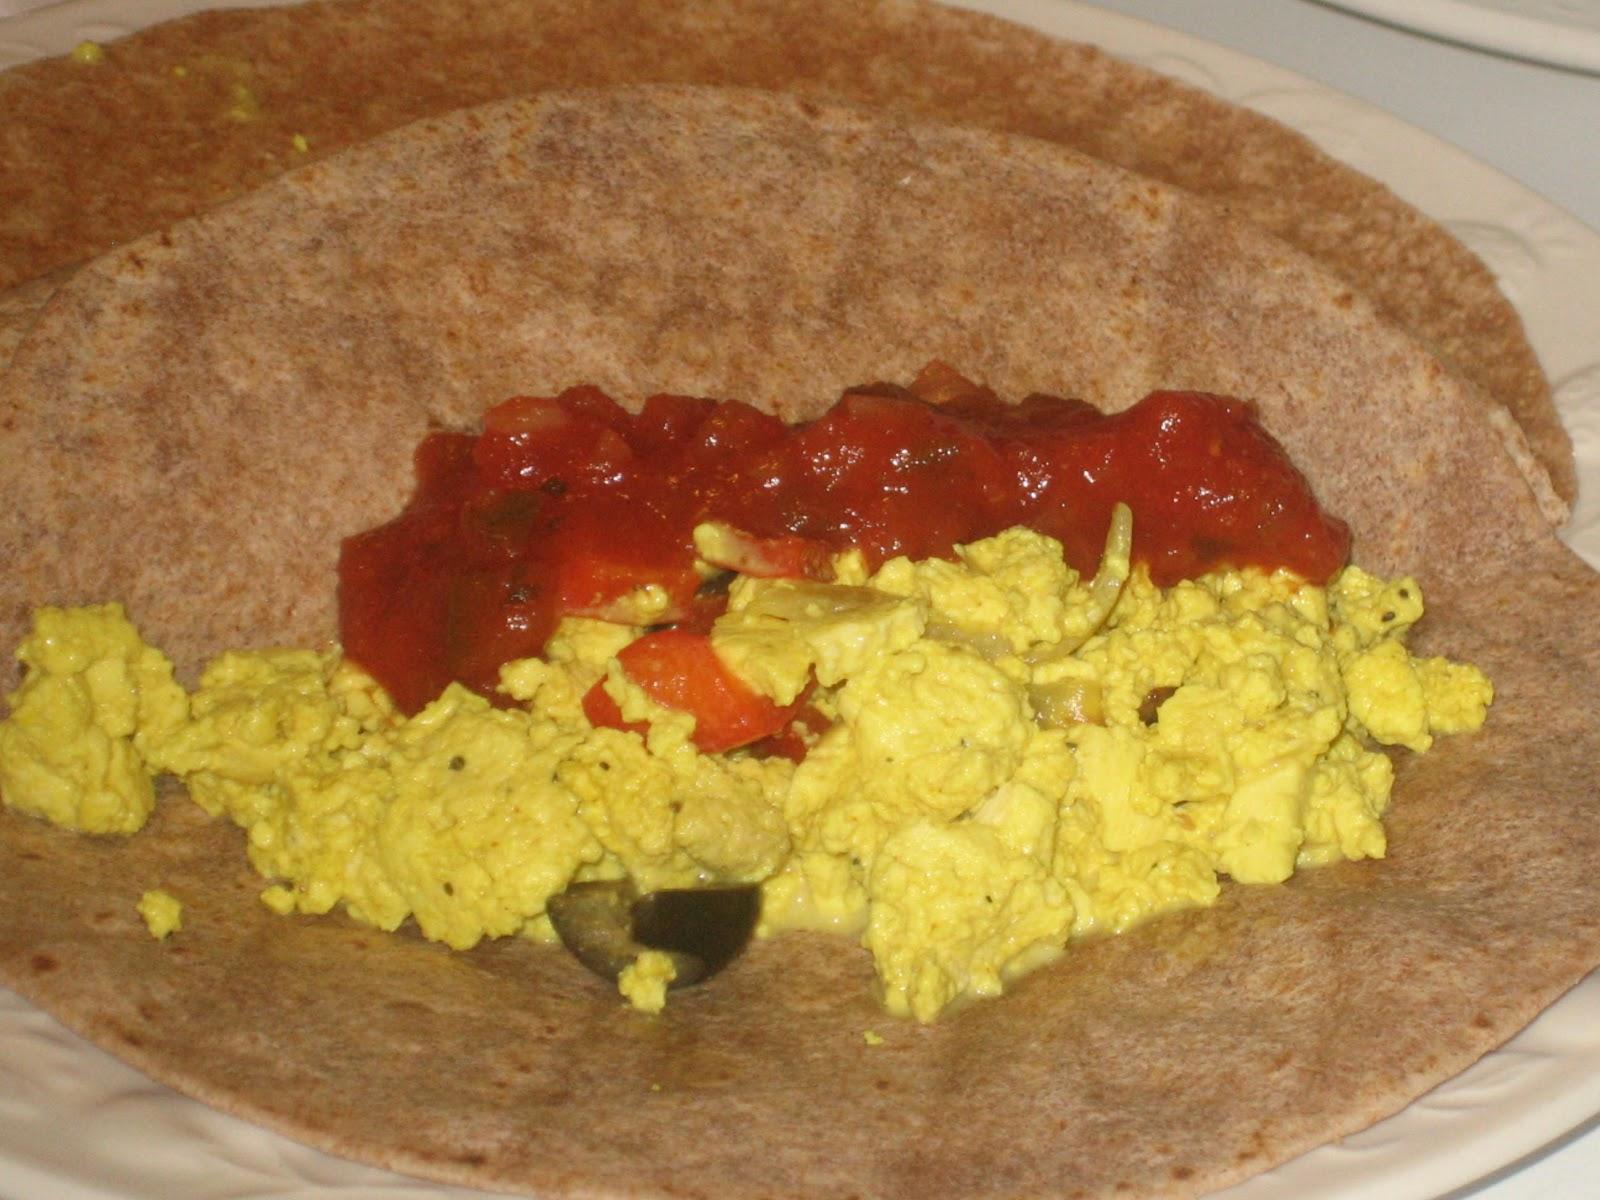 stuffedveggies: Scrambled Tofu Pantry Mix & Vegan Breakfast Burritos